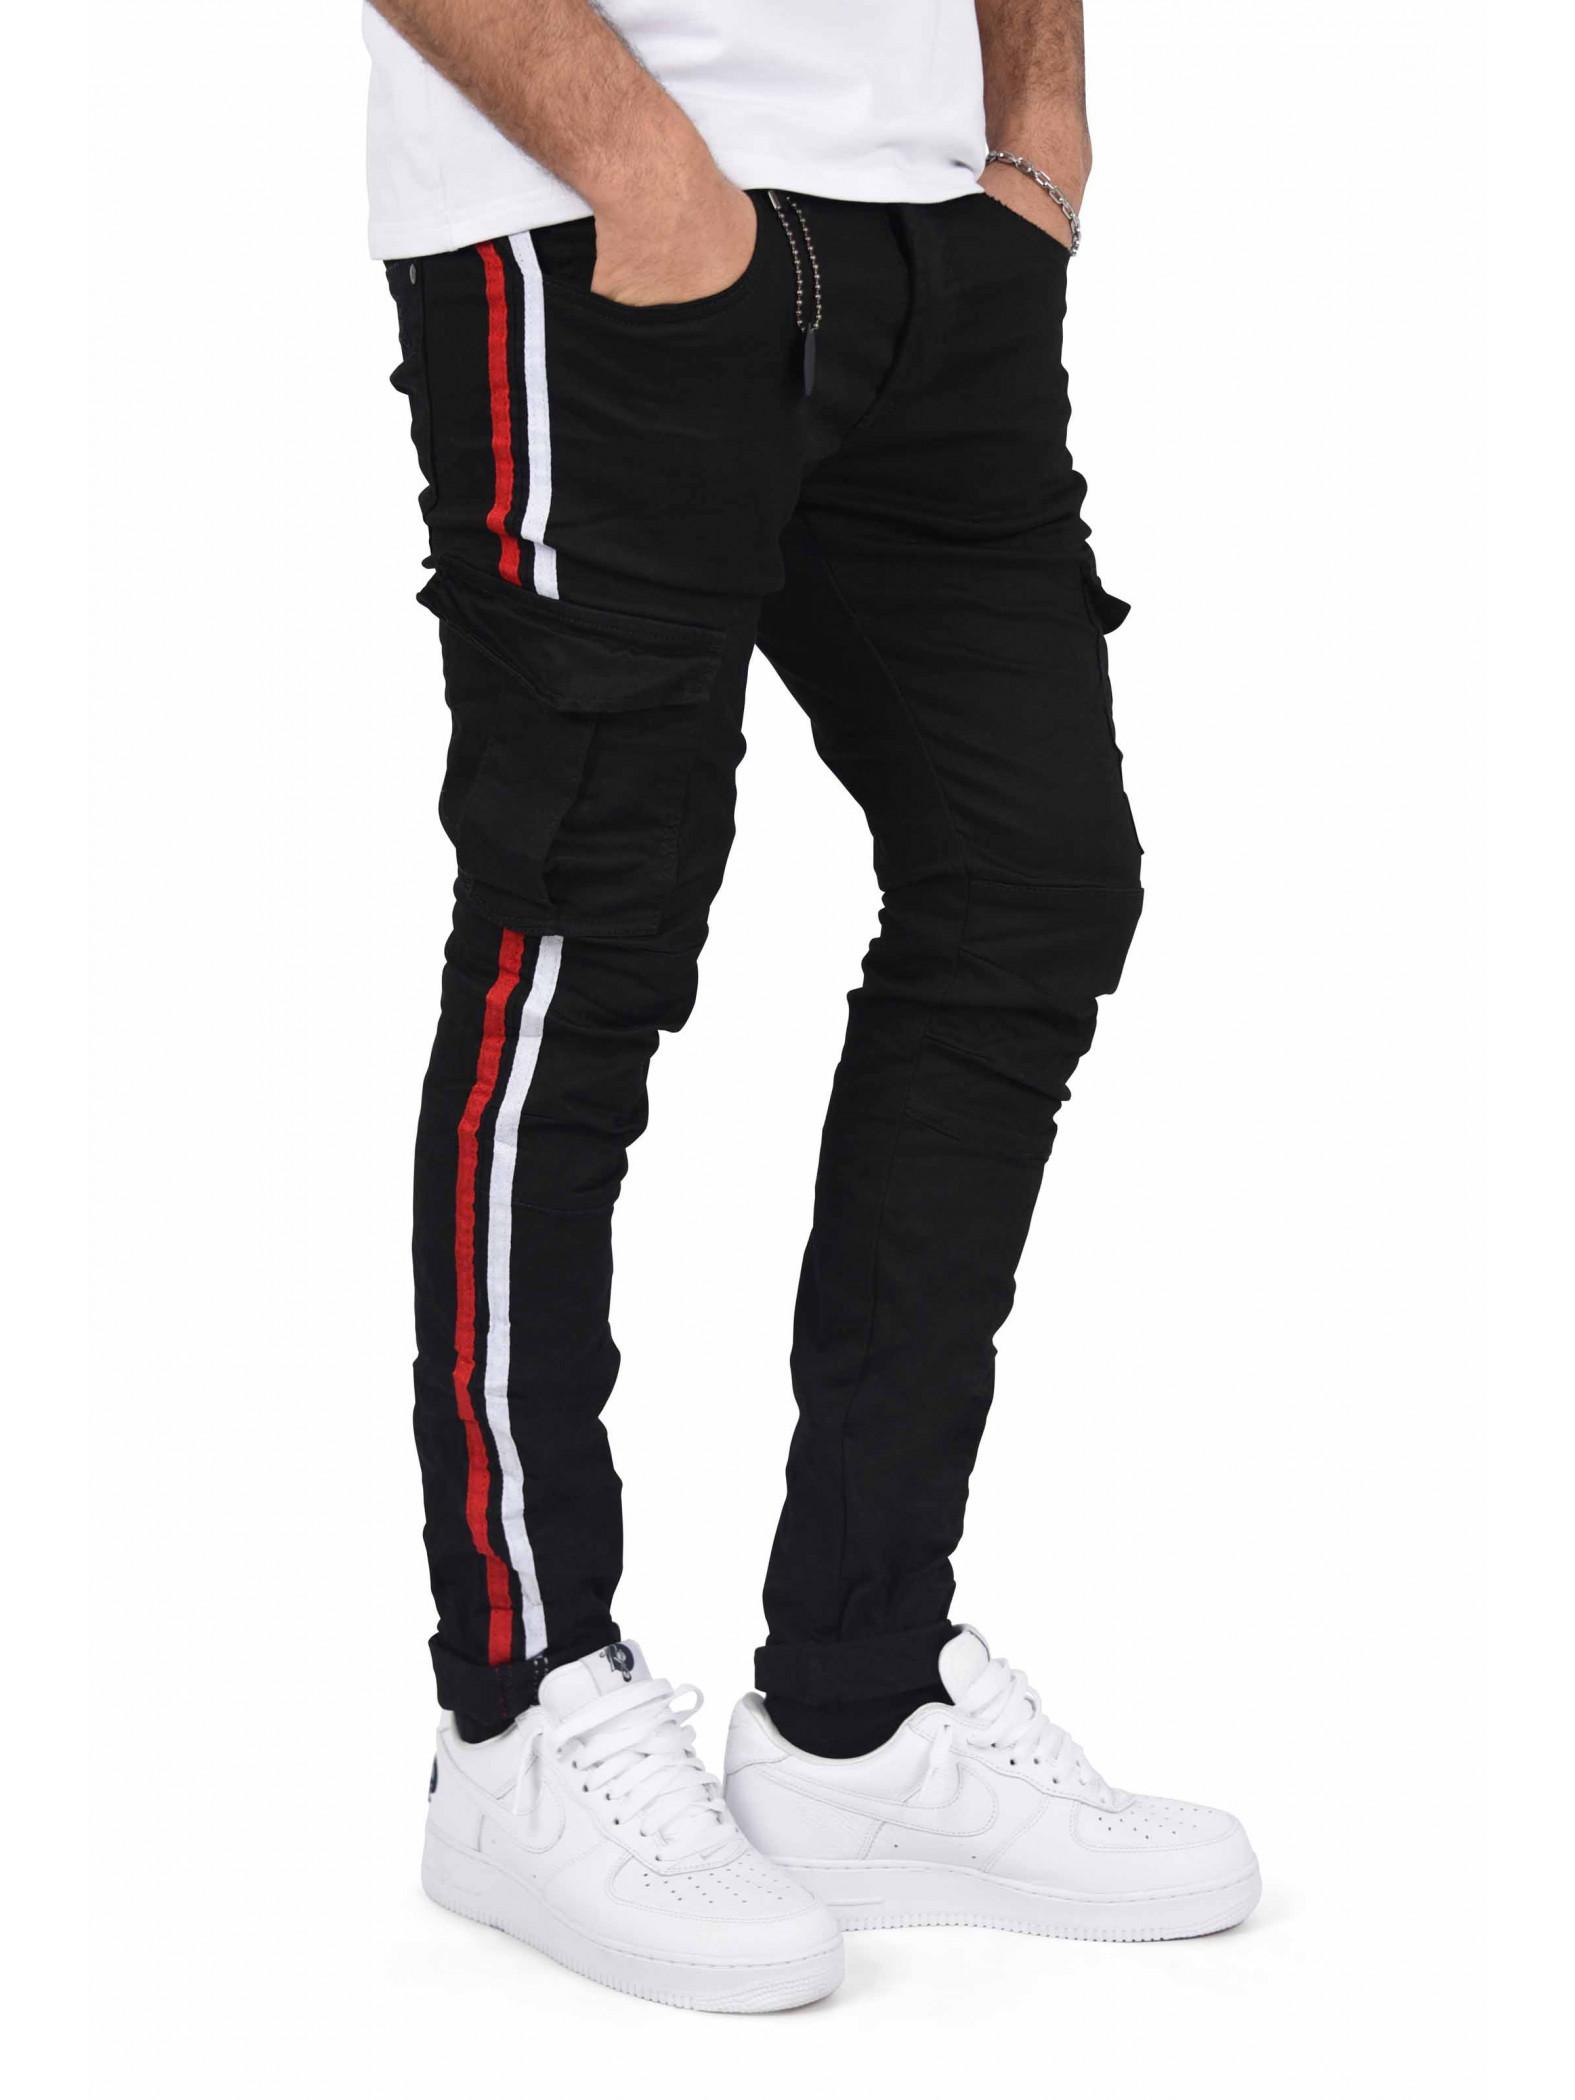 pantalon cargo doubles bandes bicolores homme project x paris. Black Bedroom Furniture Sets. Home Design Ideas